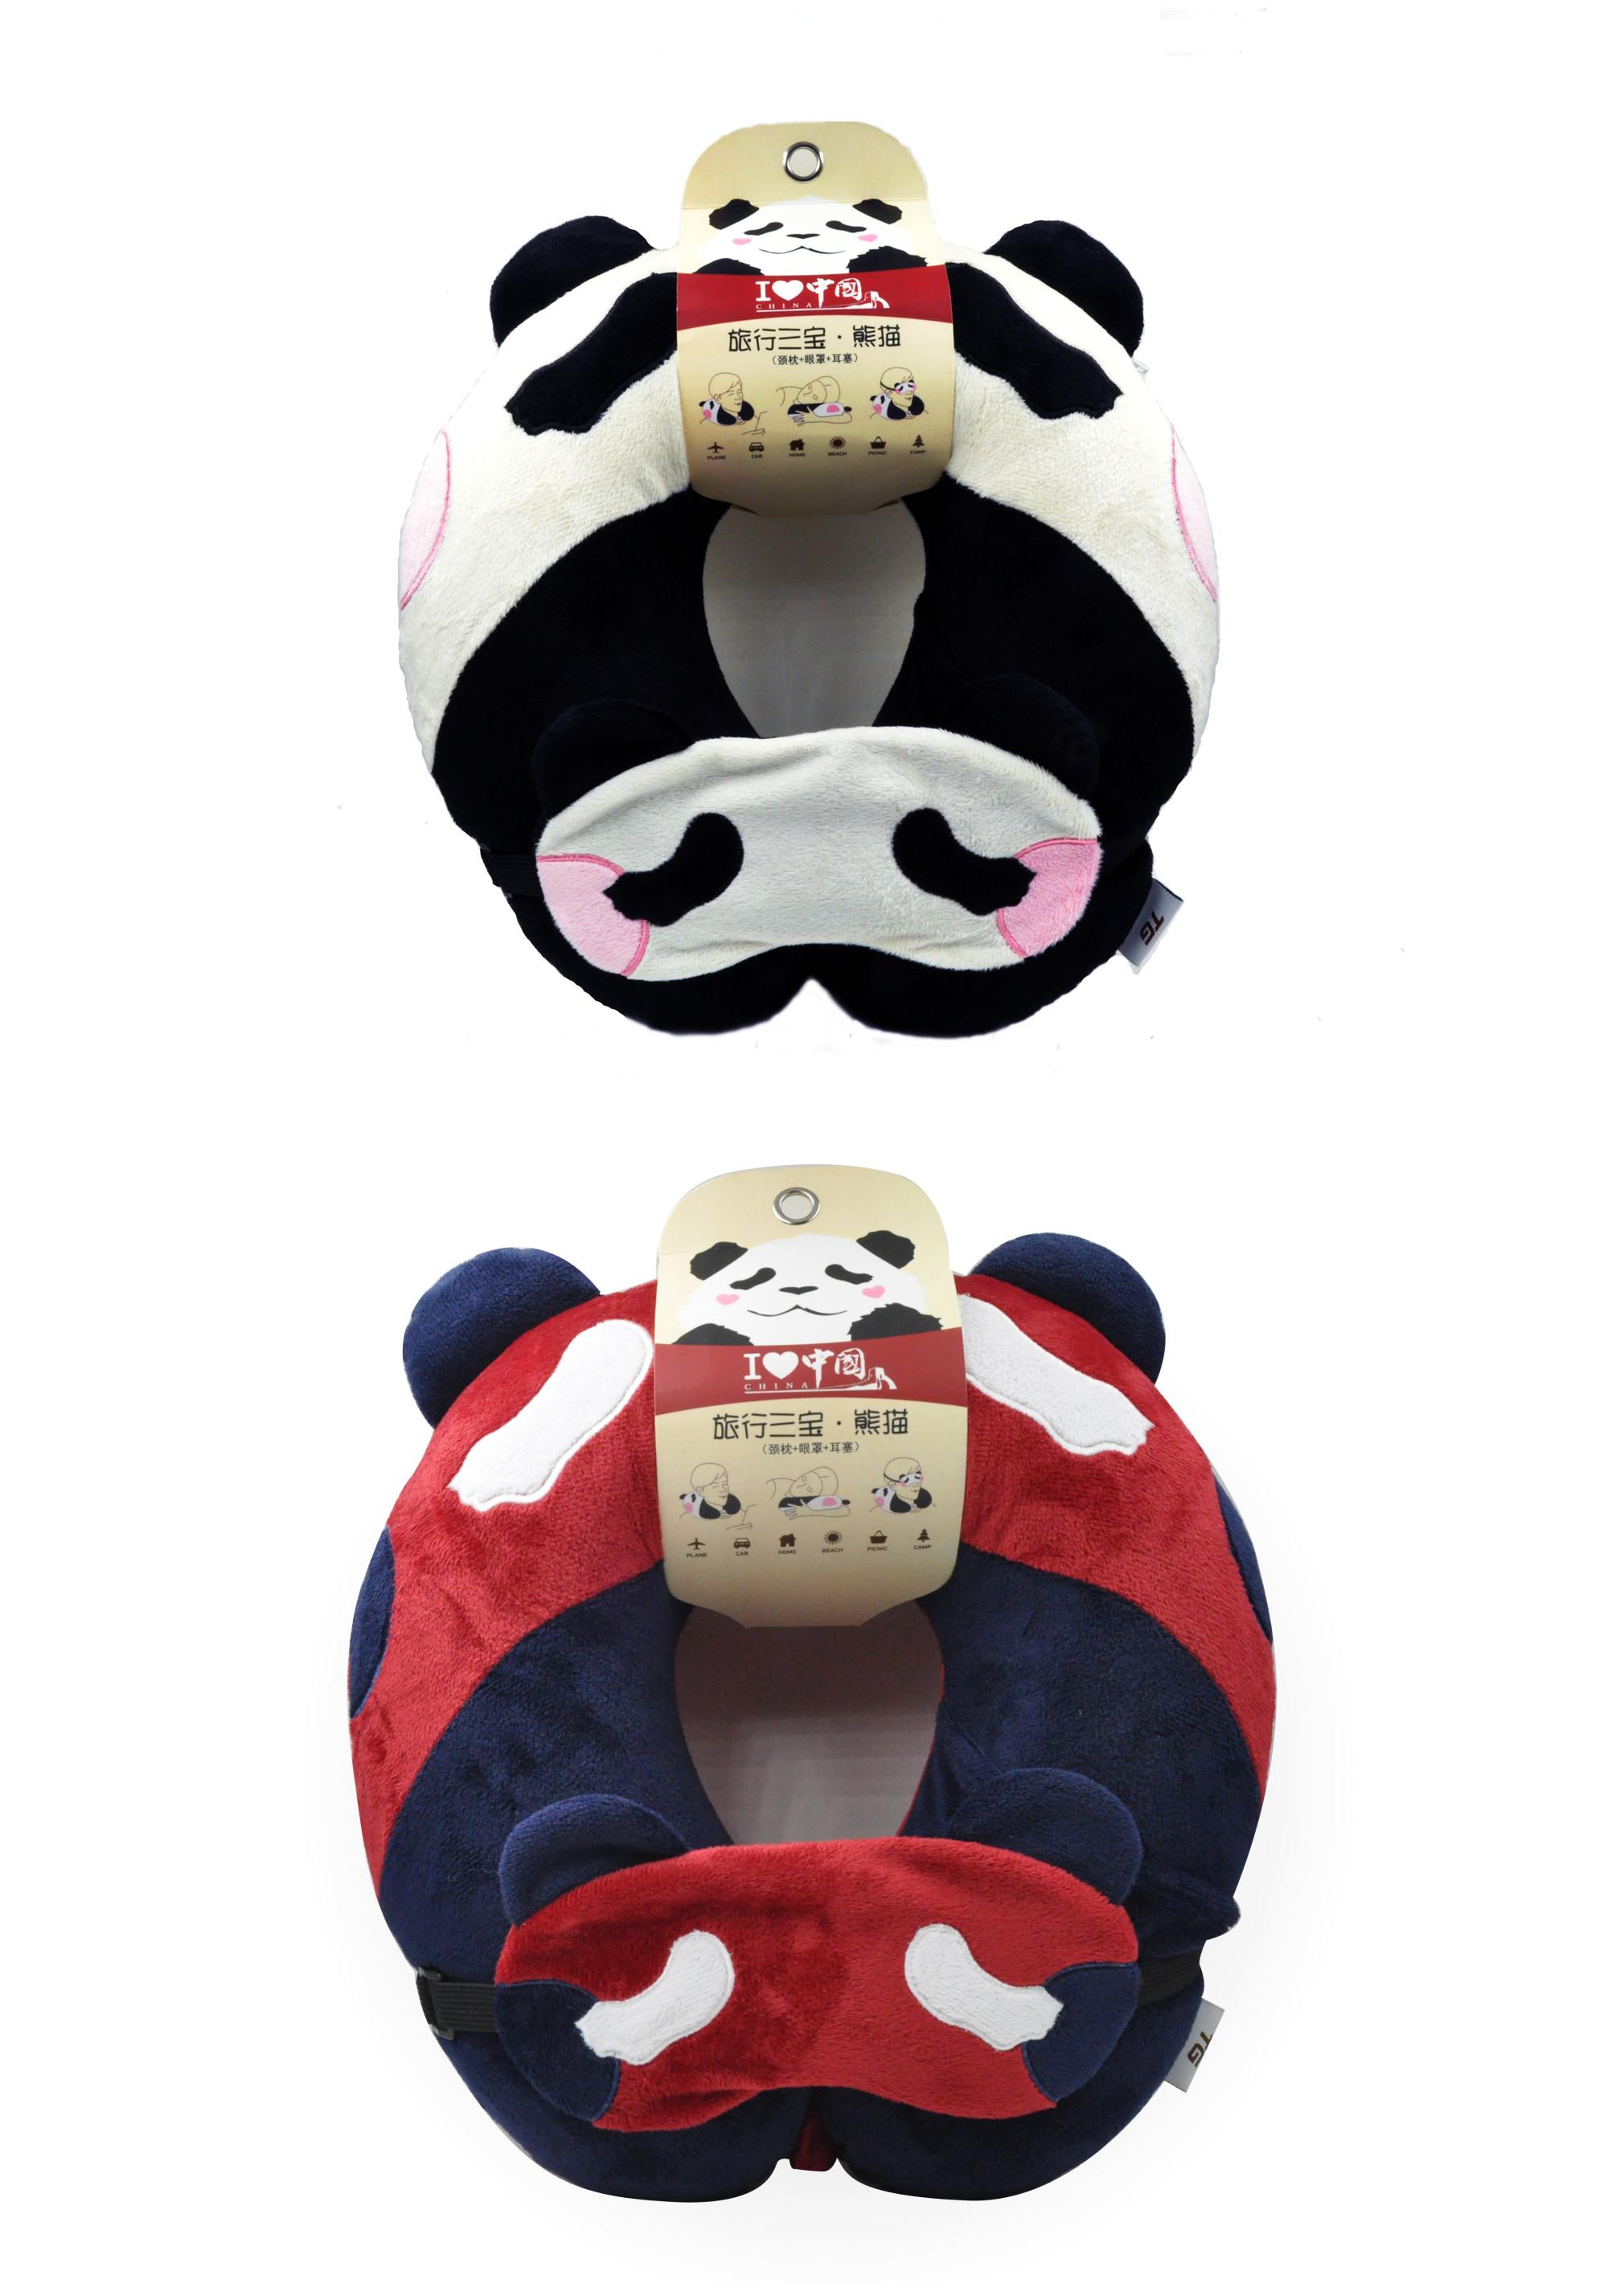 熊猫造型颈枕眼罩耳塞三件套2_副本.jpg